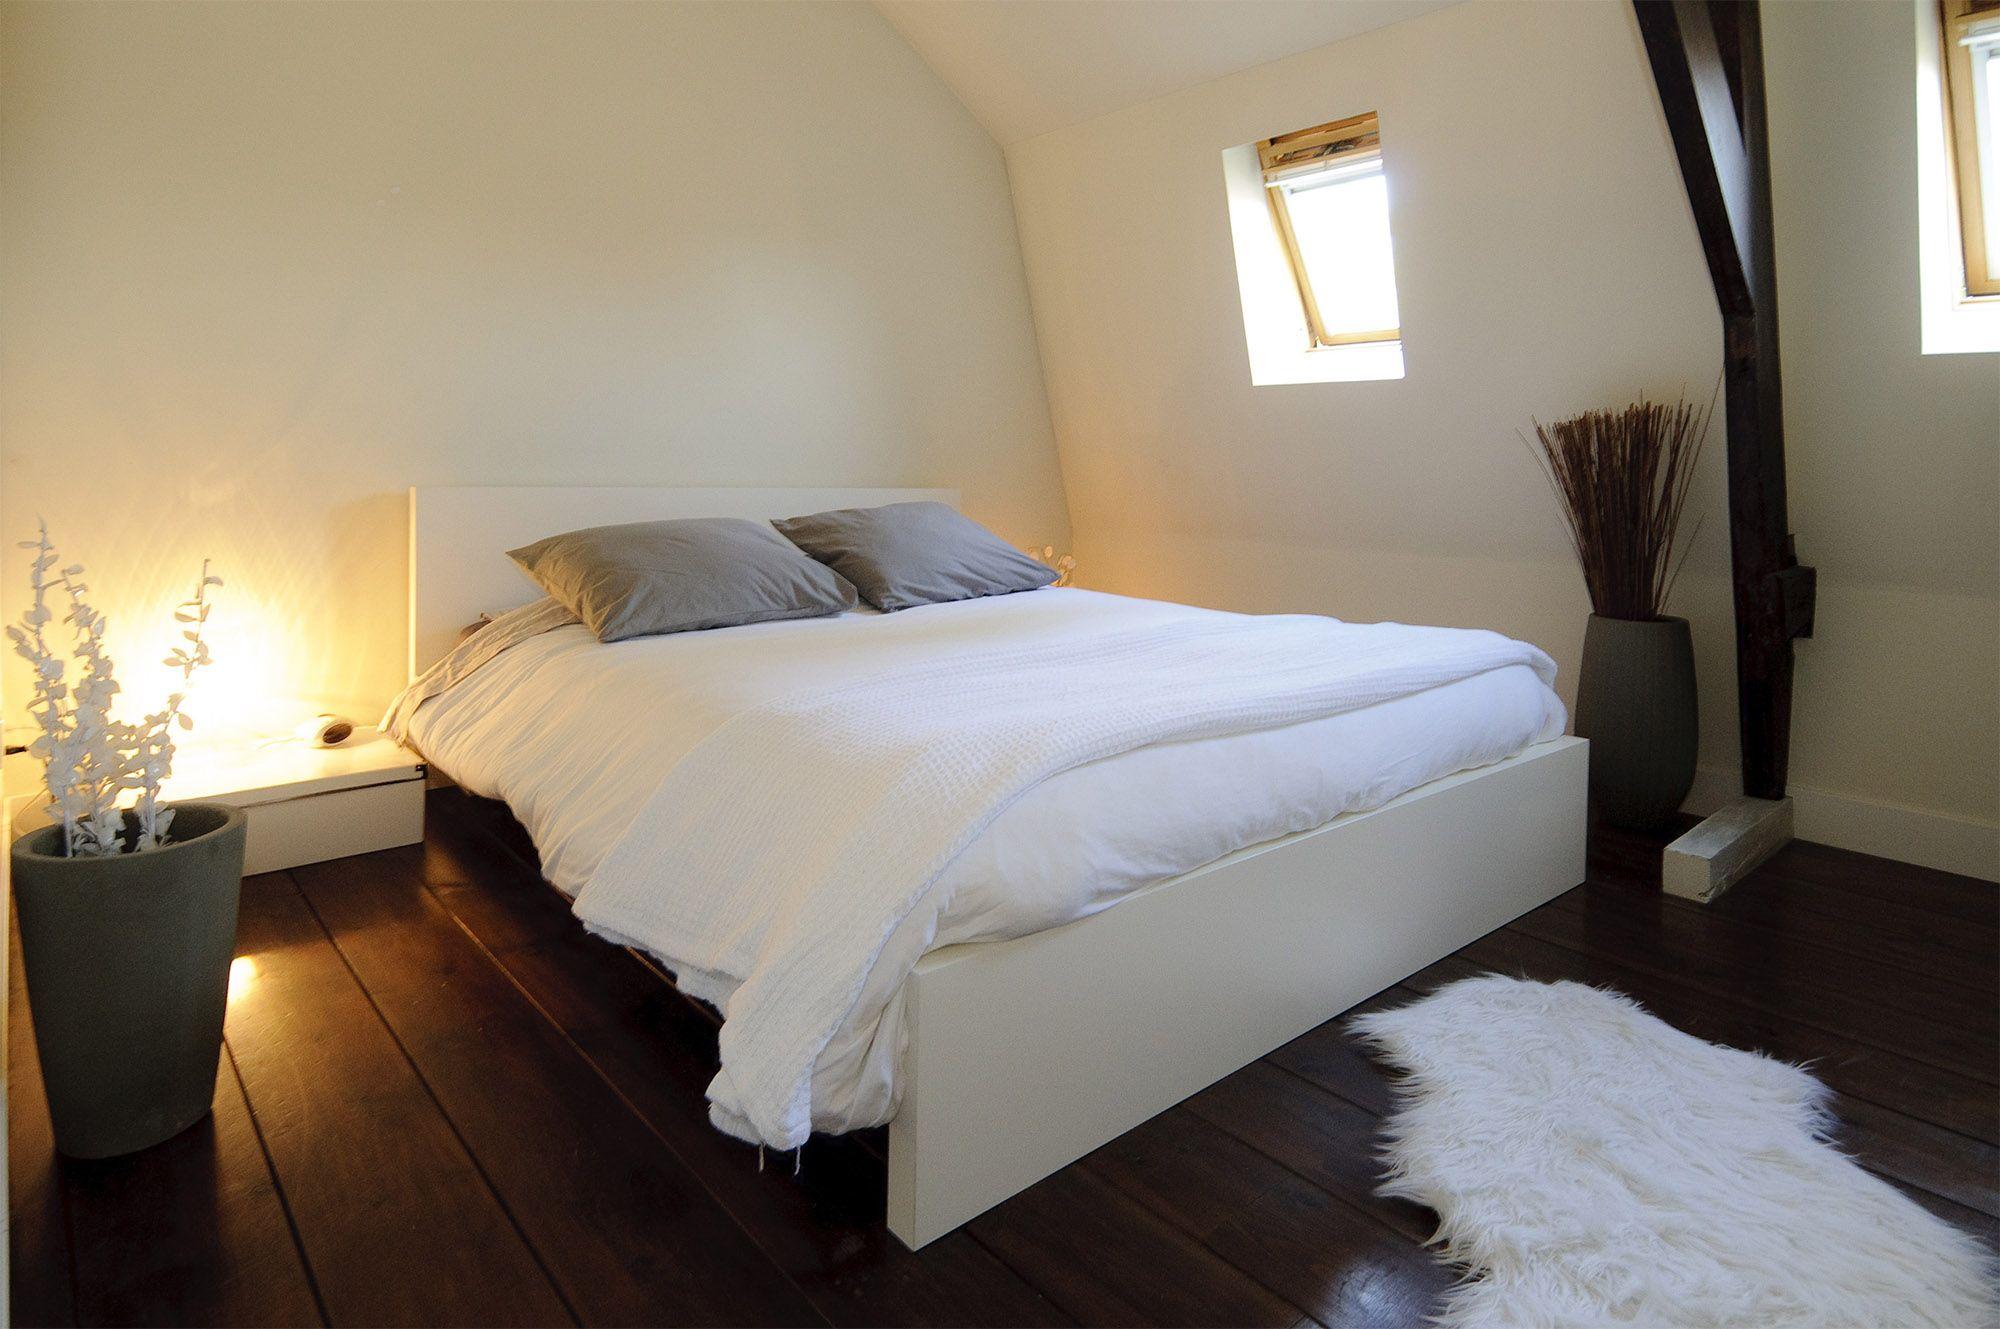 Master bedroom hdb  Welkom in de slaapkamer  Een rondleiding in Krugerlaan Zeist